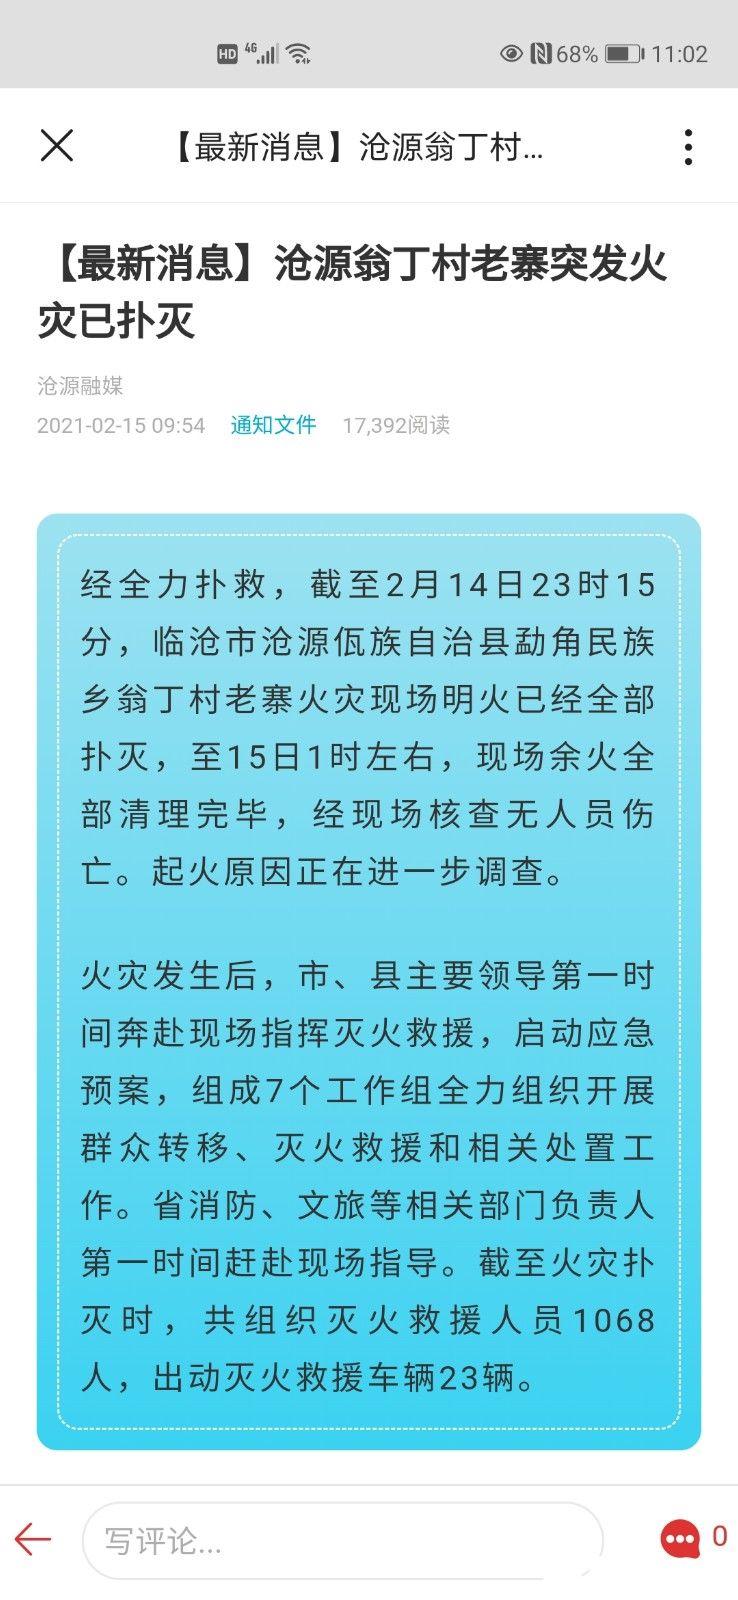 沧源县委宣传部通报